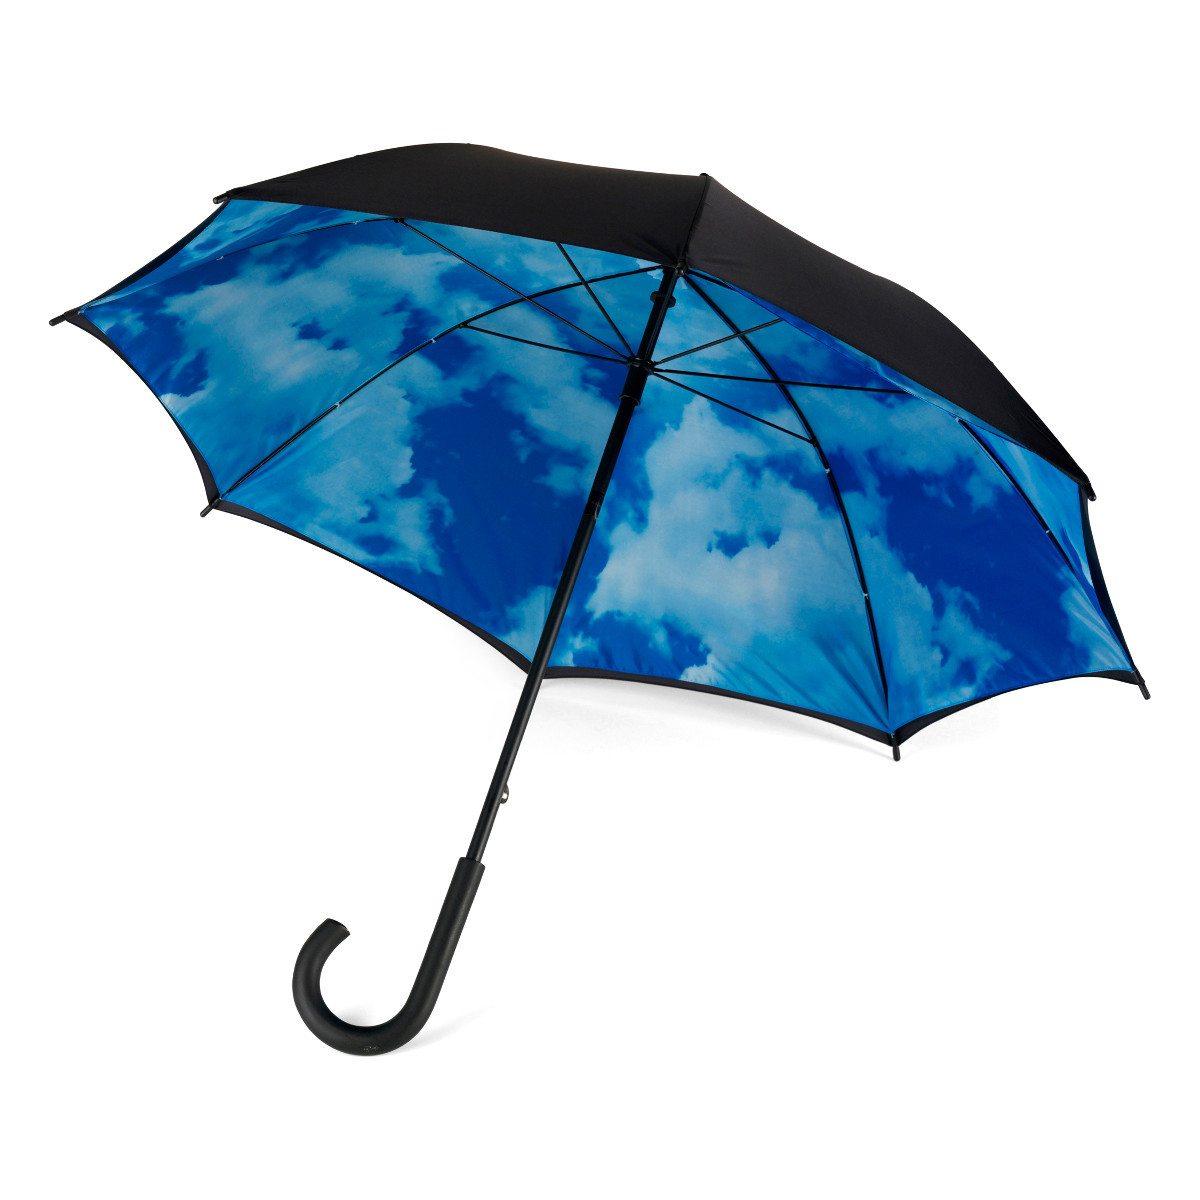 Paraply med blå himmel-motiv